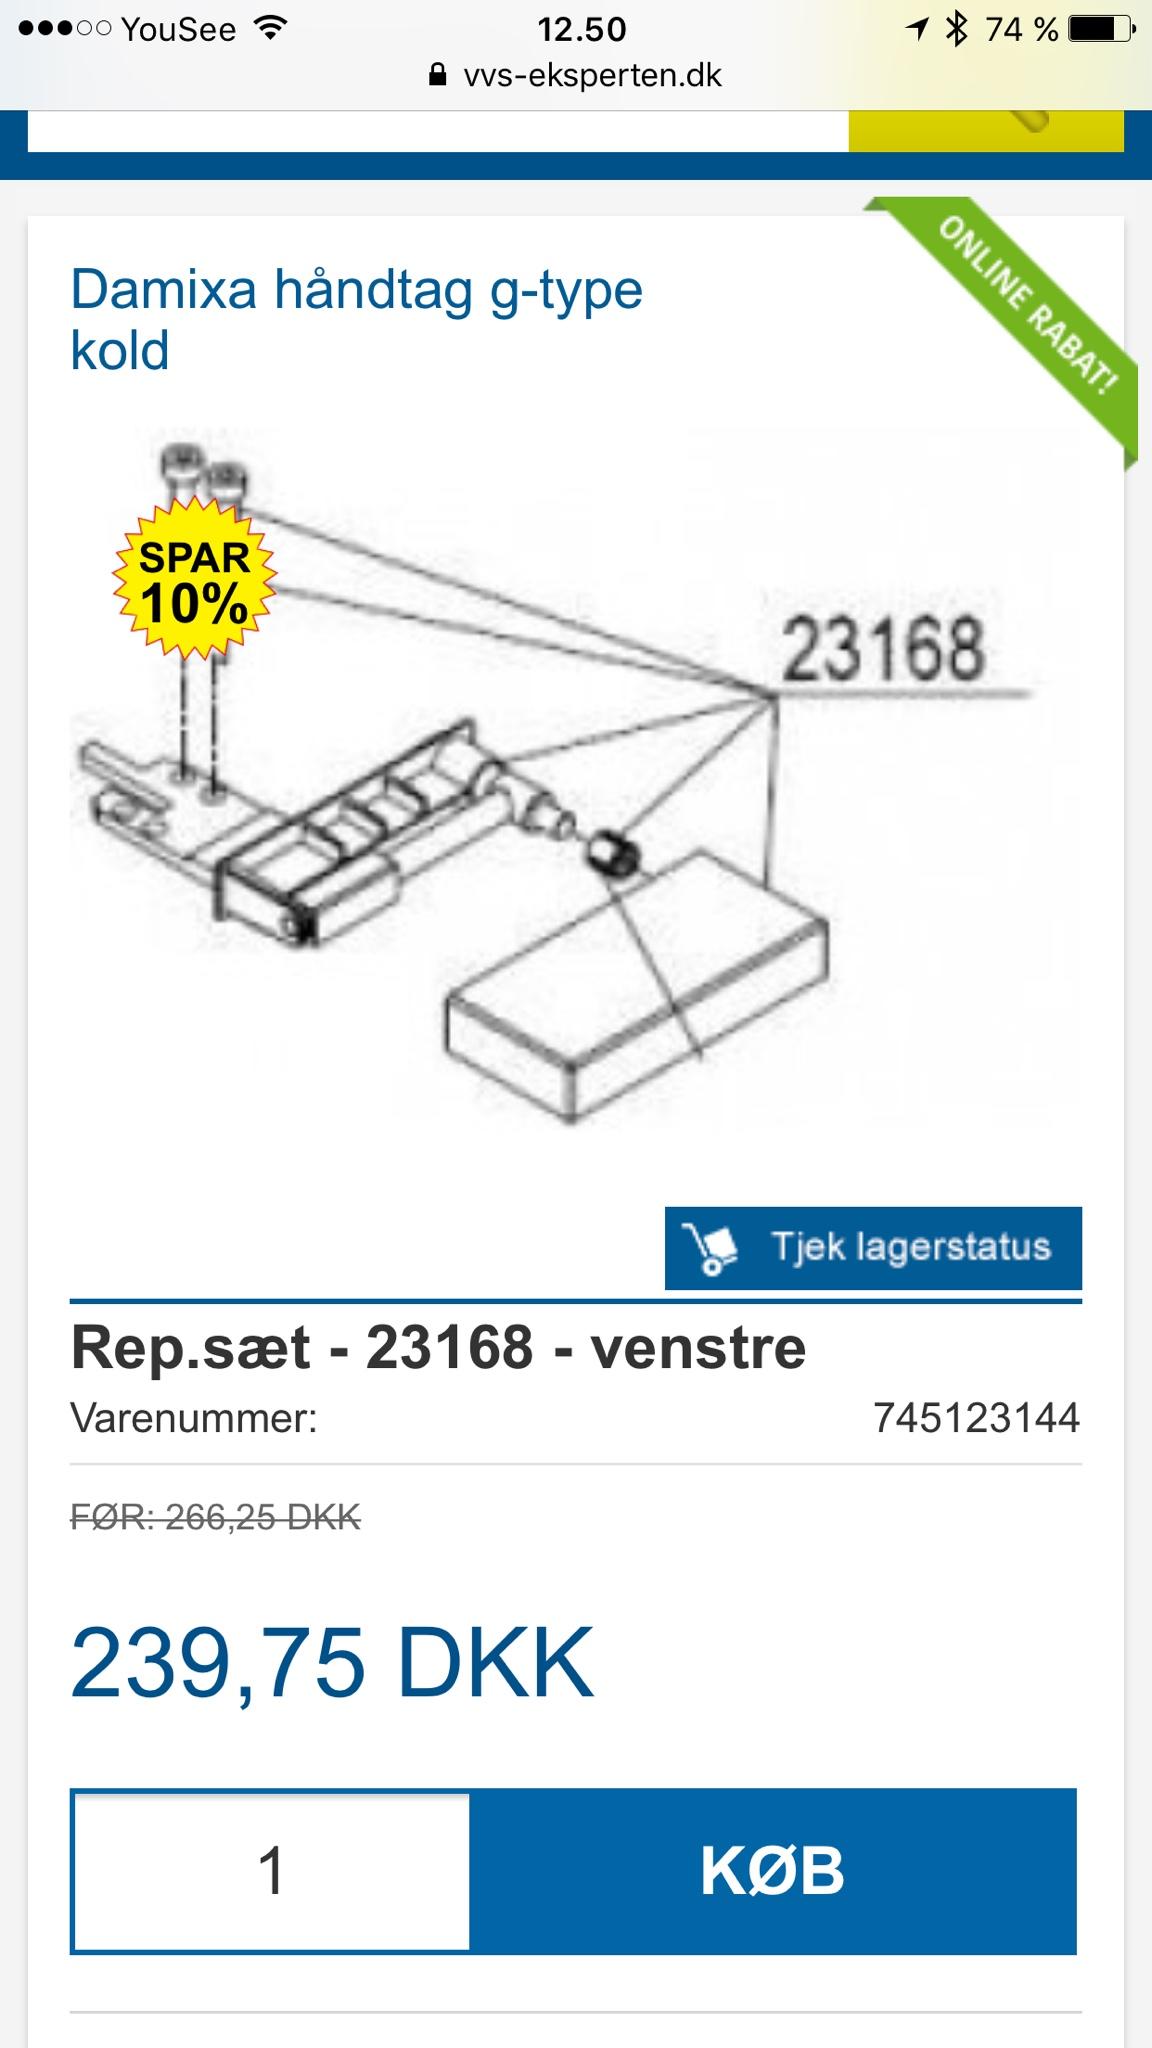 Damixa V3 0.Vandhane Drypper Ved Handtag Damixa G Type V3 Vagcars Dk